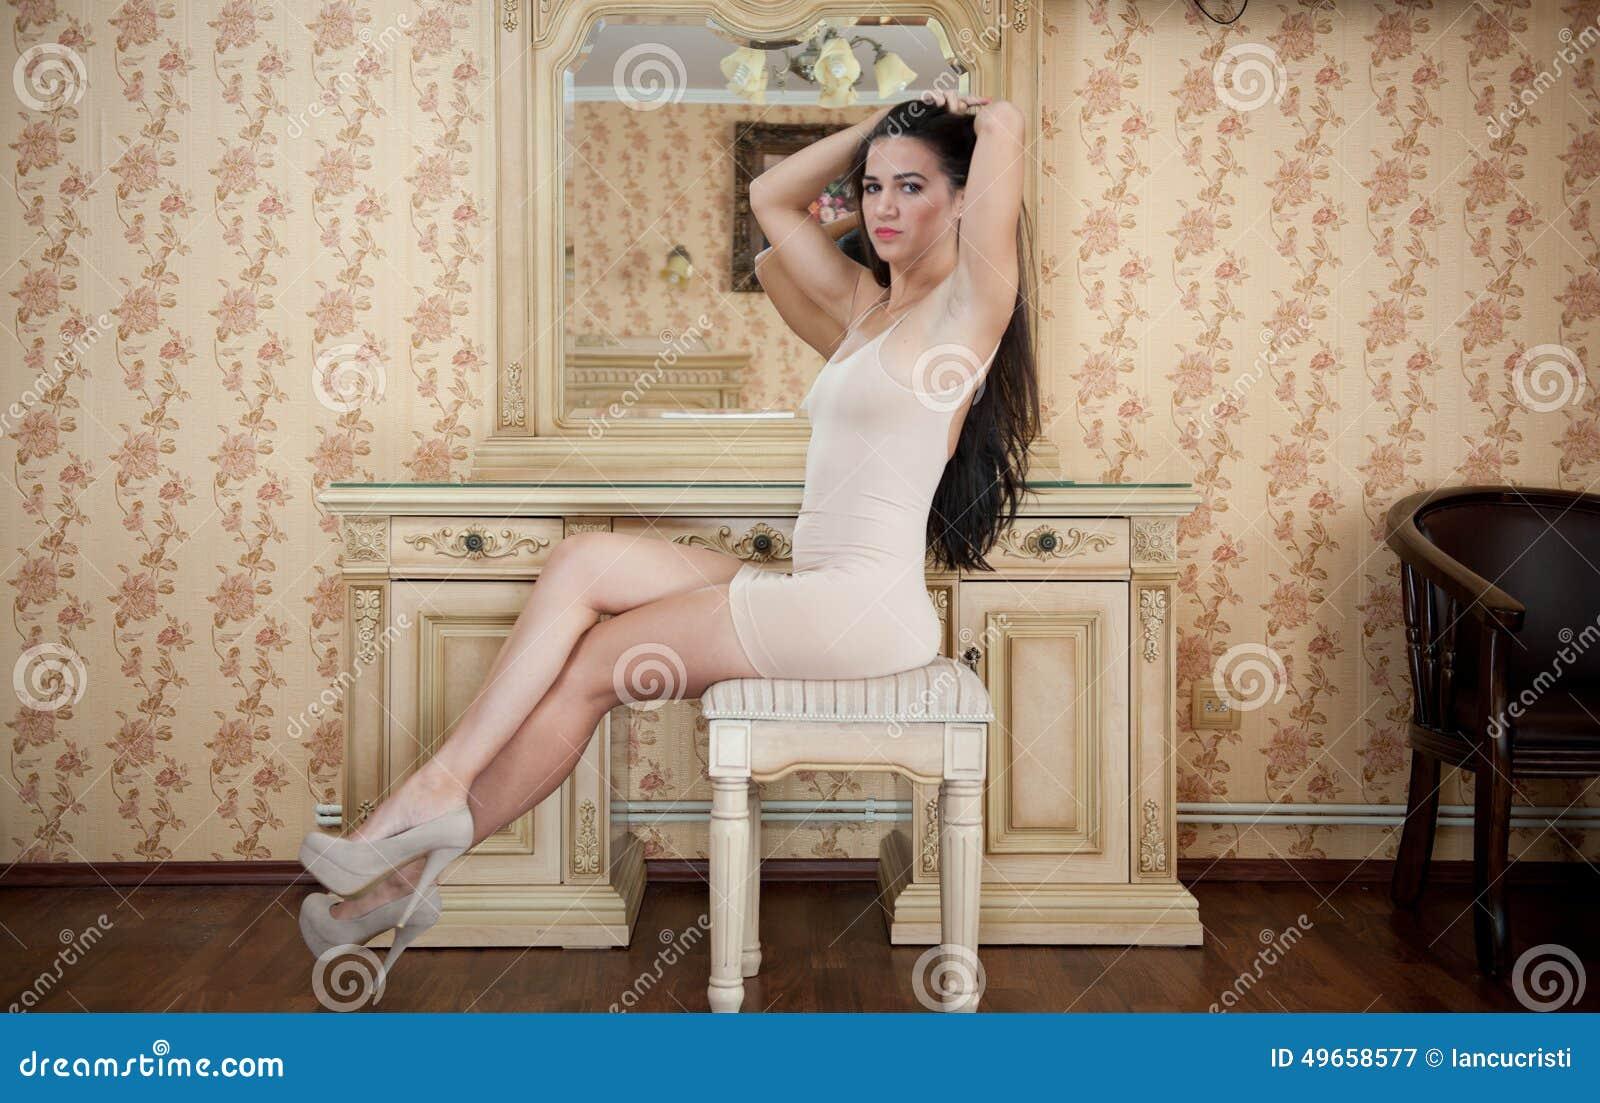 short brunette girl nude